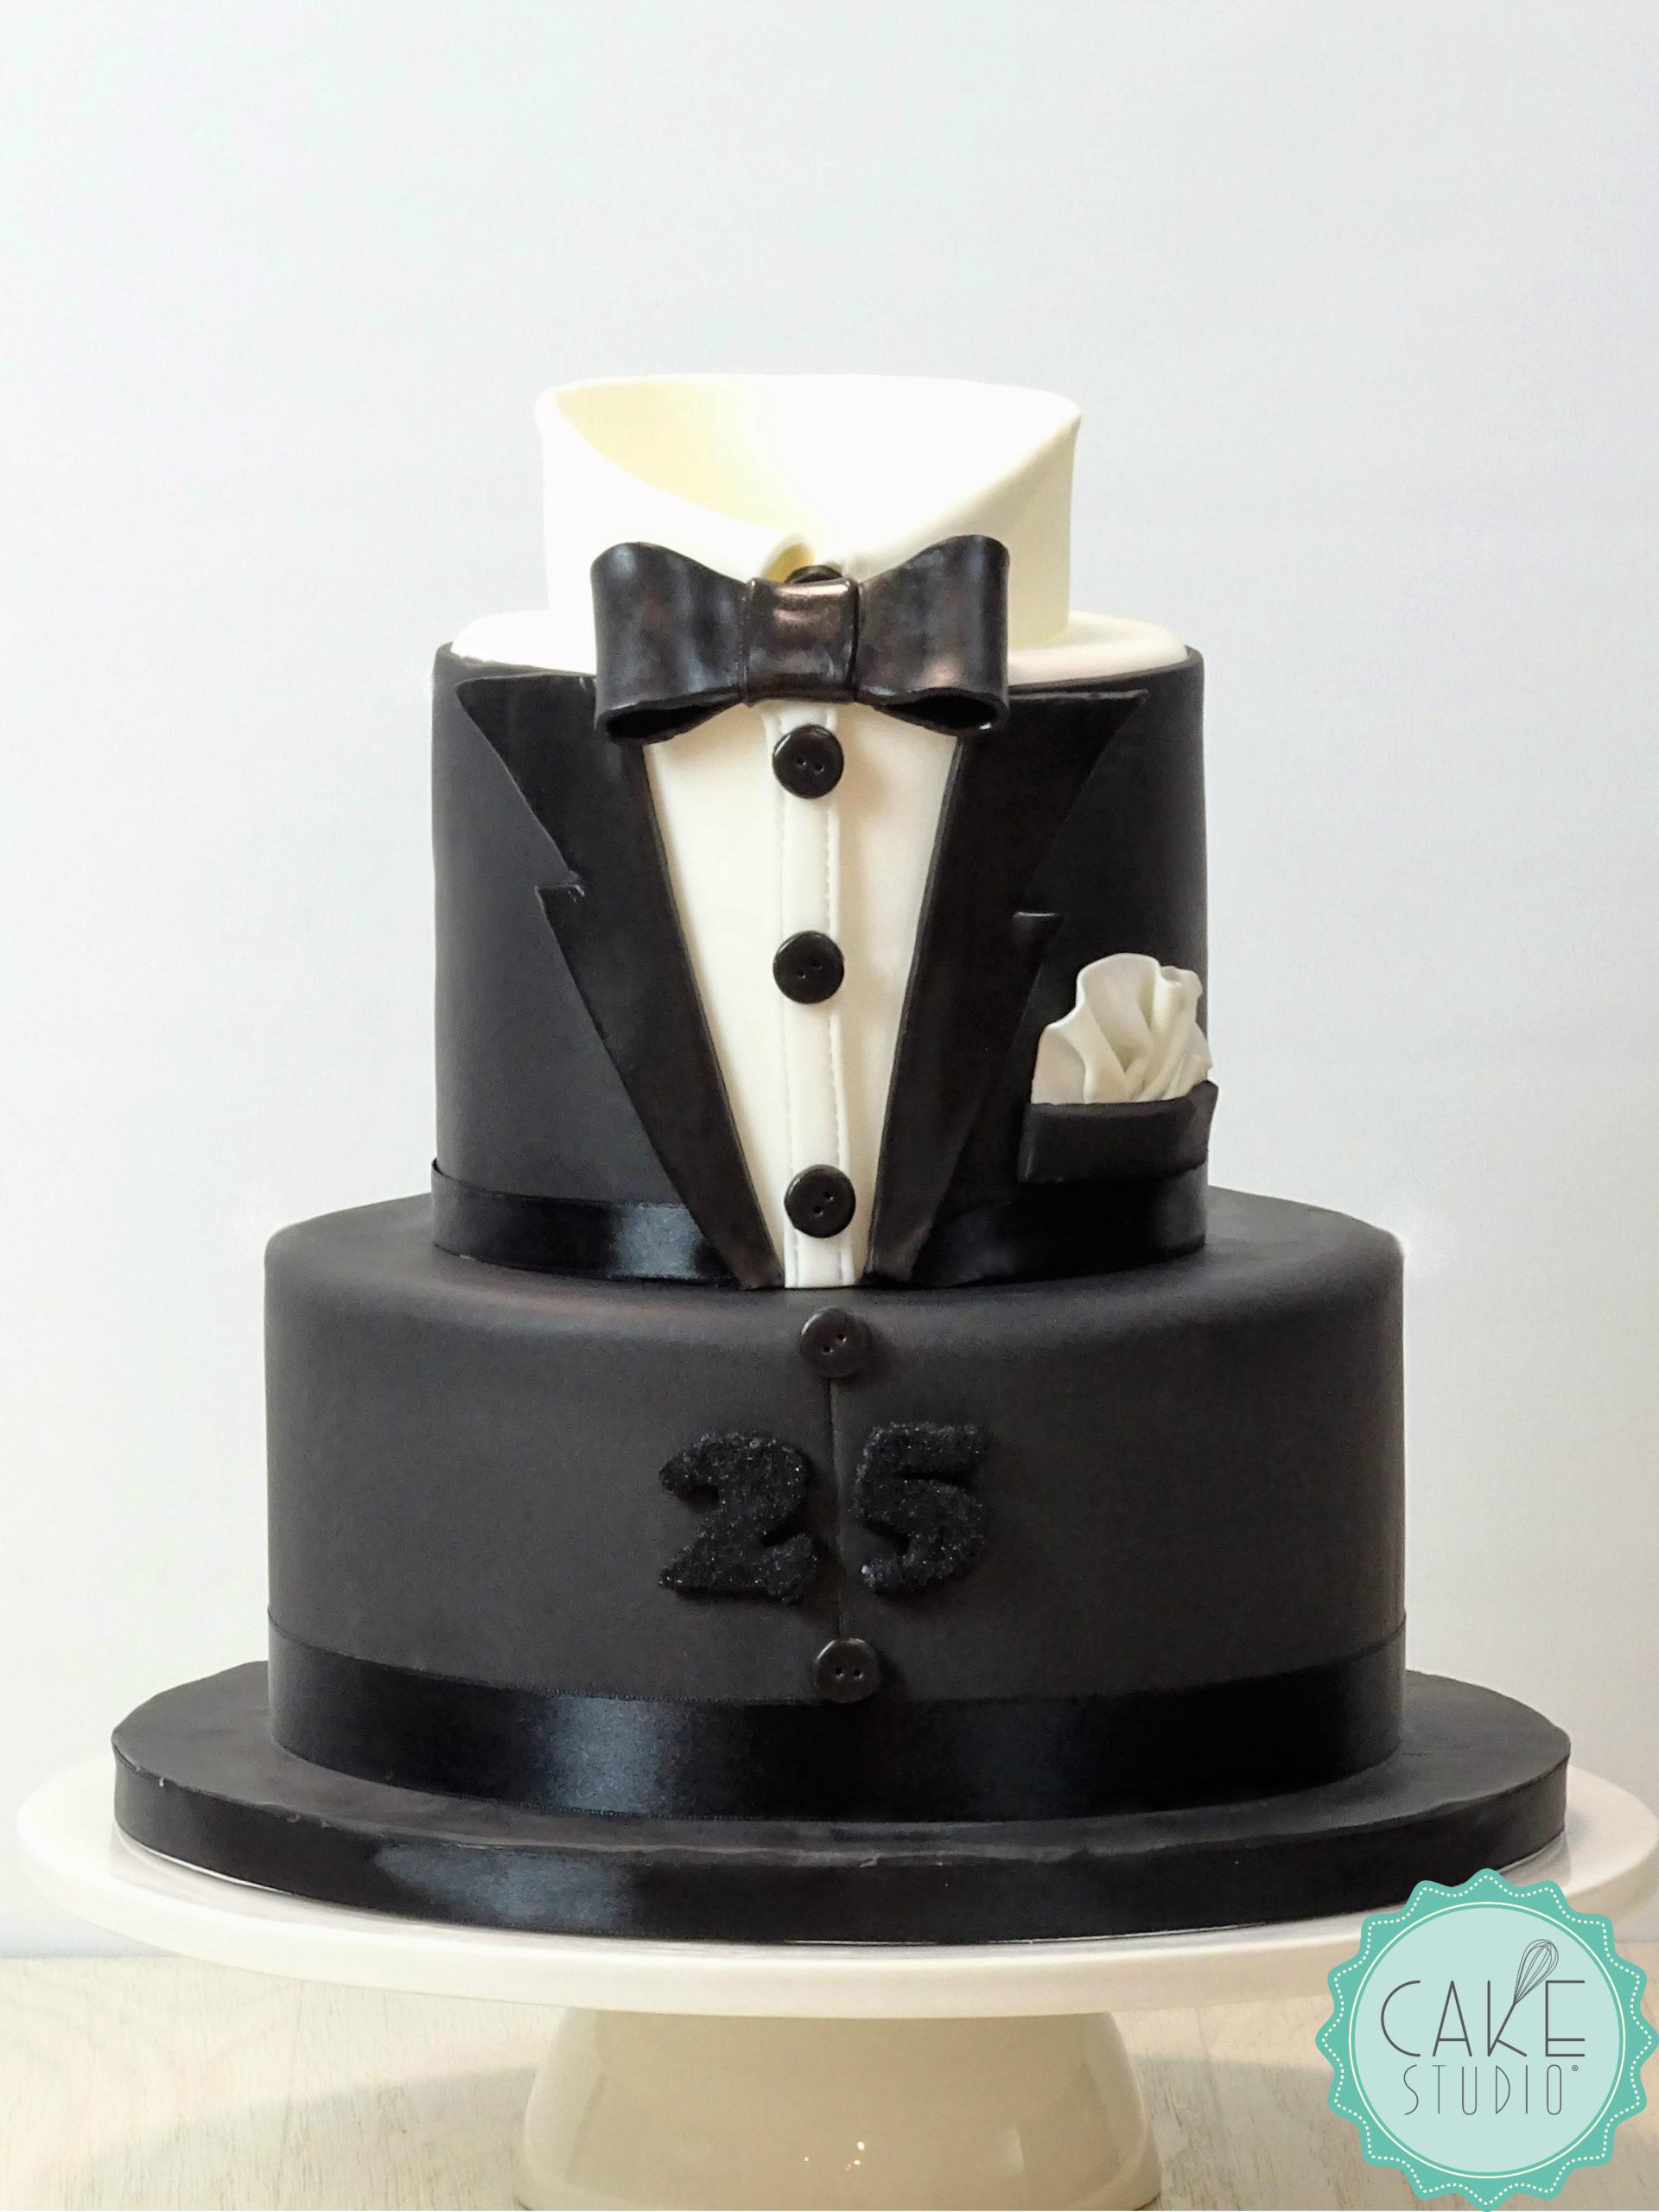 torta compleanno smoking tuxedo nero camicia bianca papillon nero